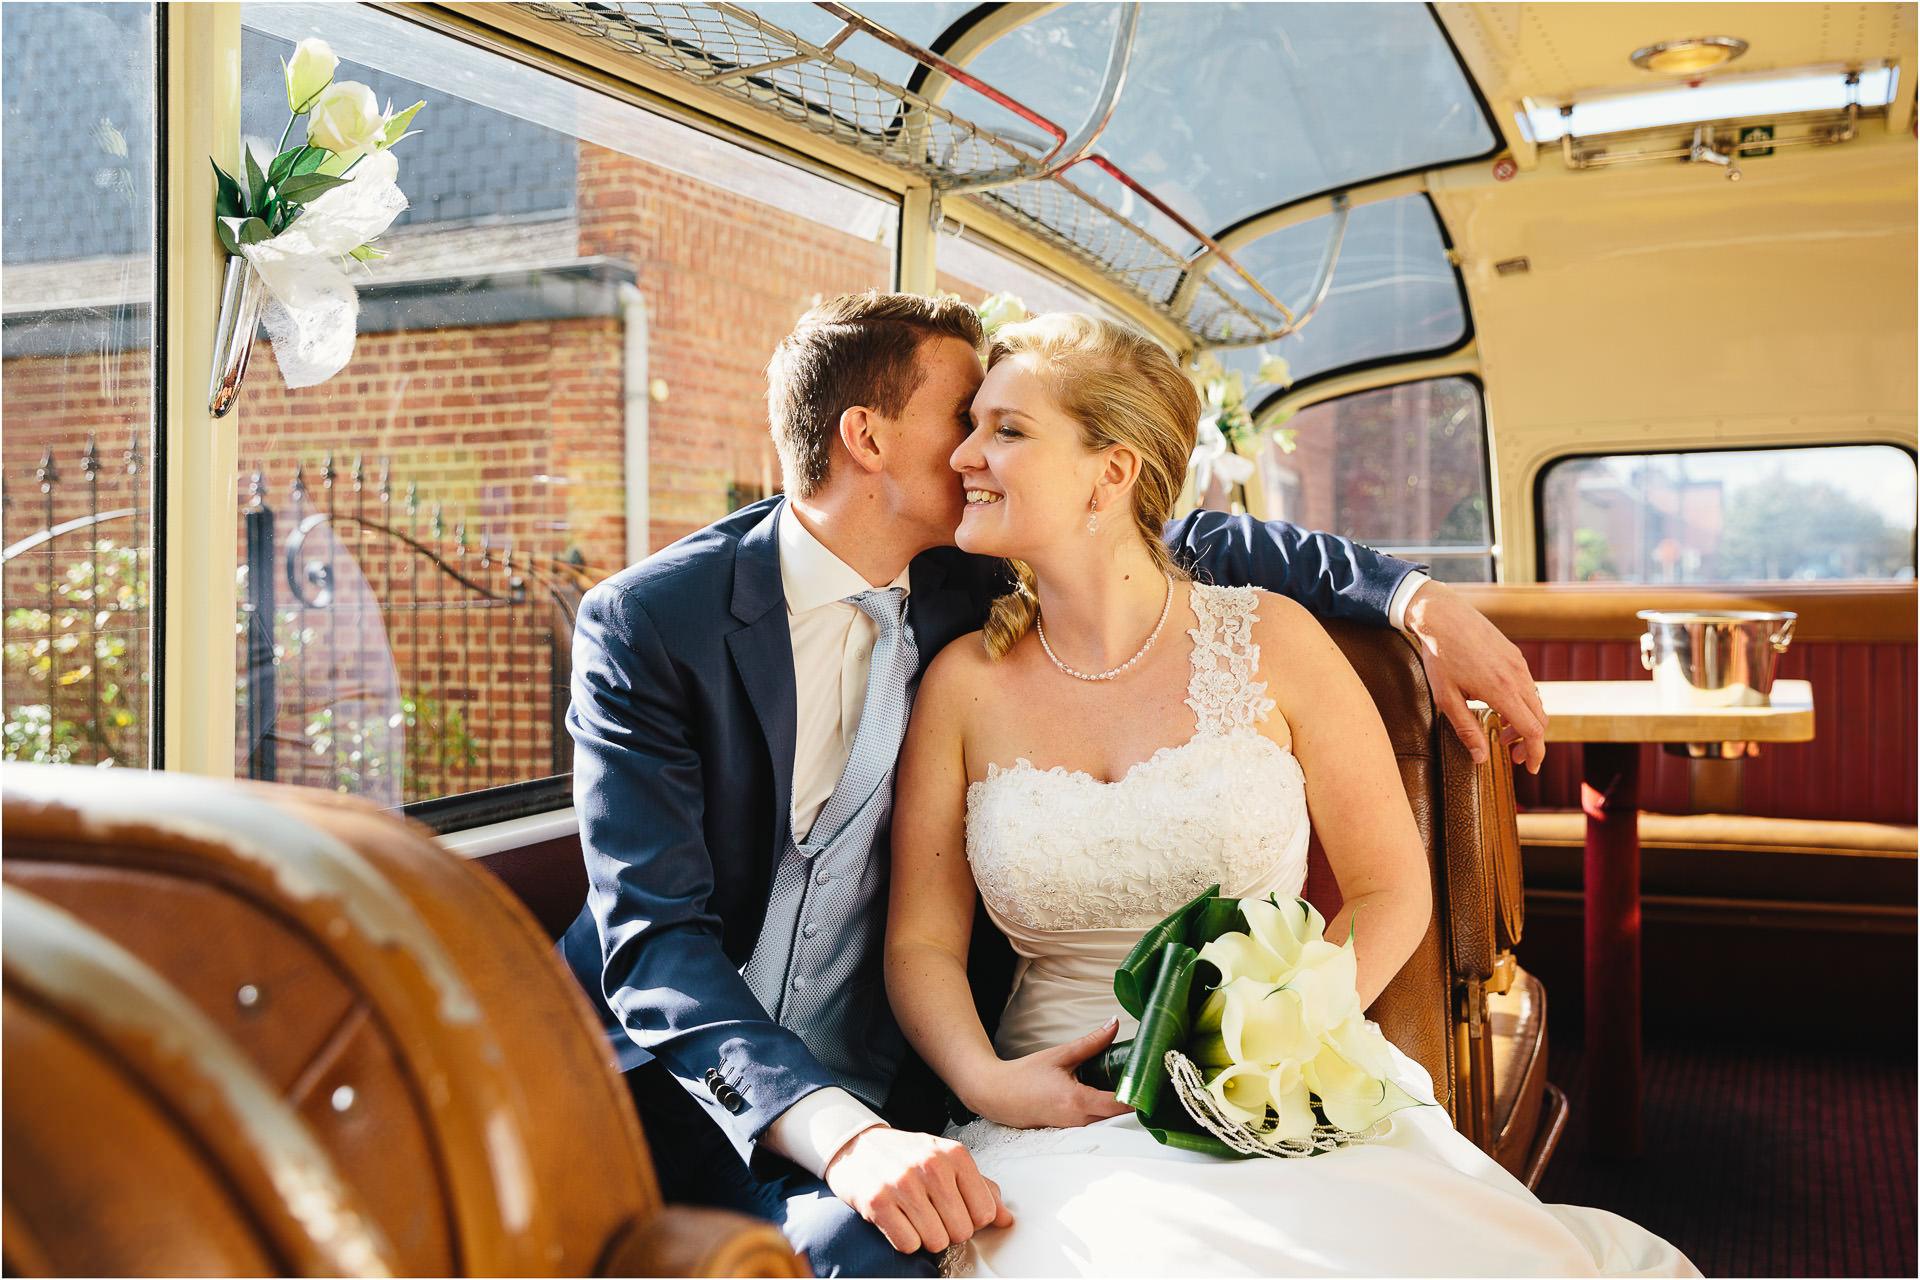 Huwelijksfotograaf De Snip | Tara & Jan